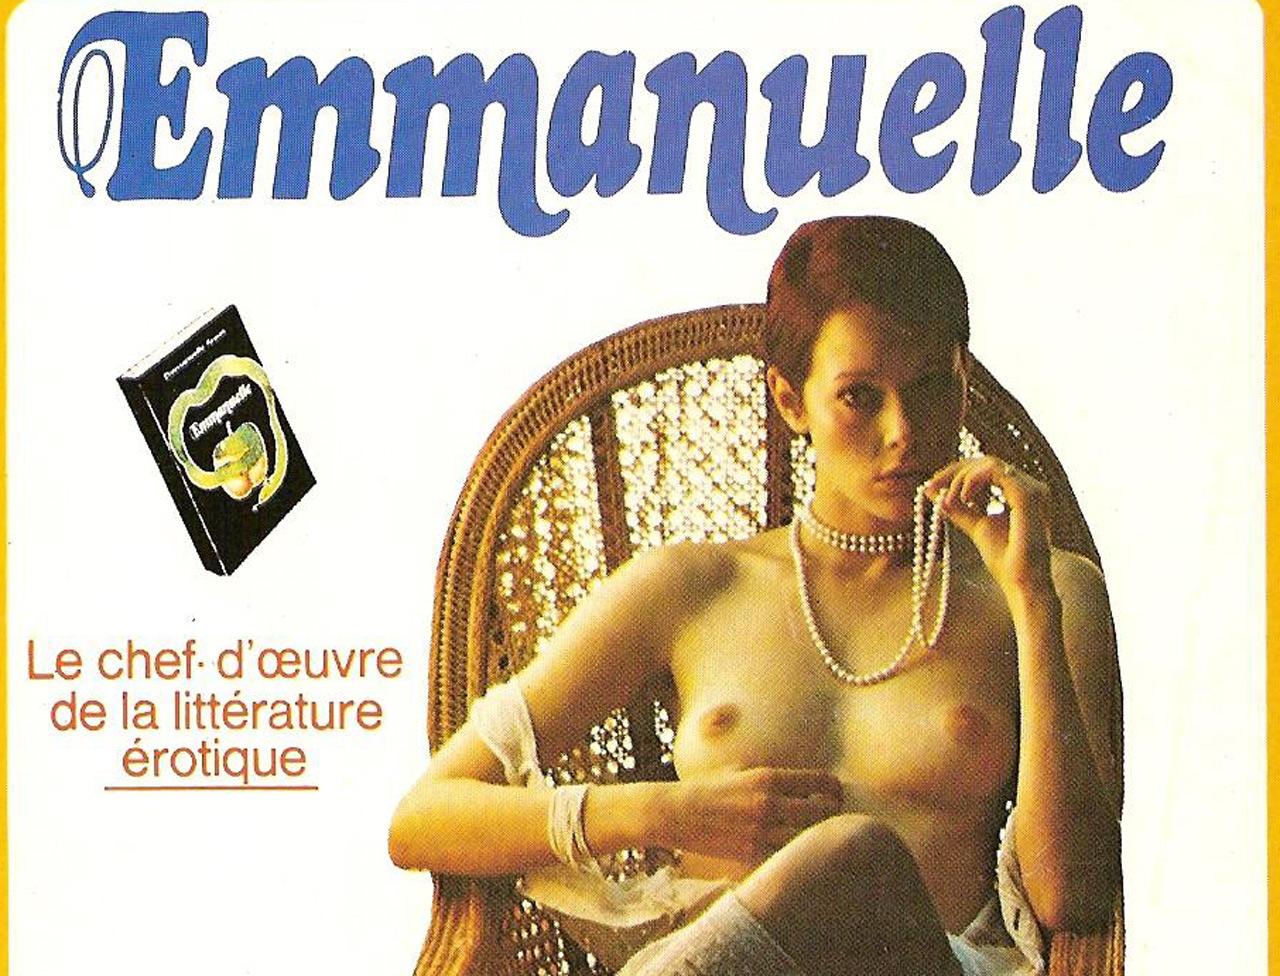 mort-de-sylvia-kristel-actrice-emblematique-du-film-emmanuelle